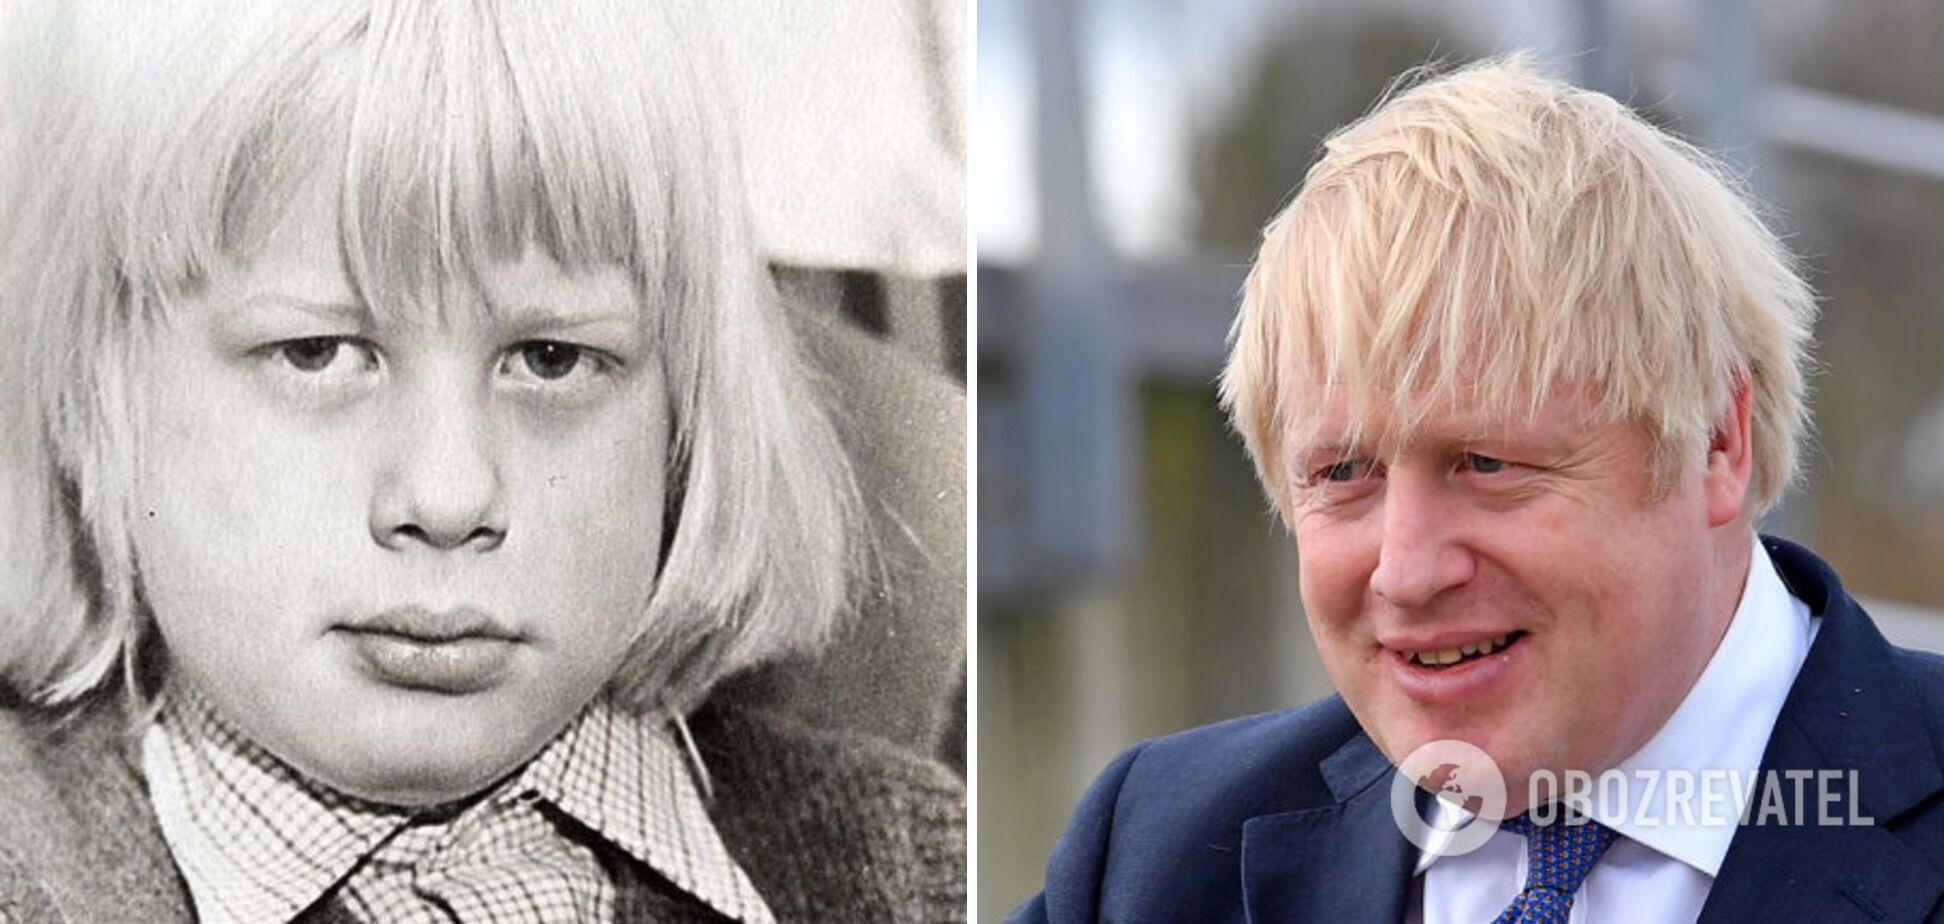 Прем'єр-міністр Великобританії Борис Джонсов хотів стати журналістом.